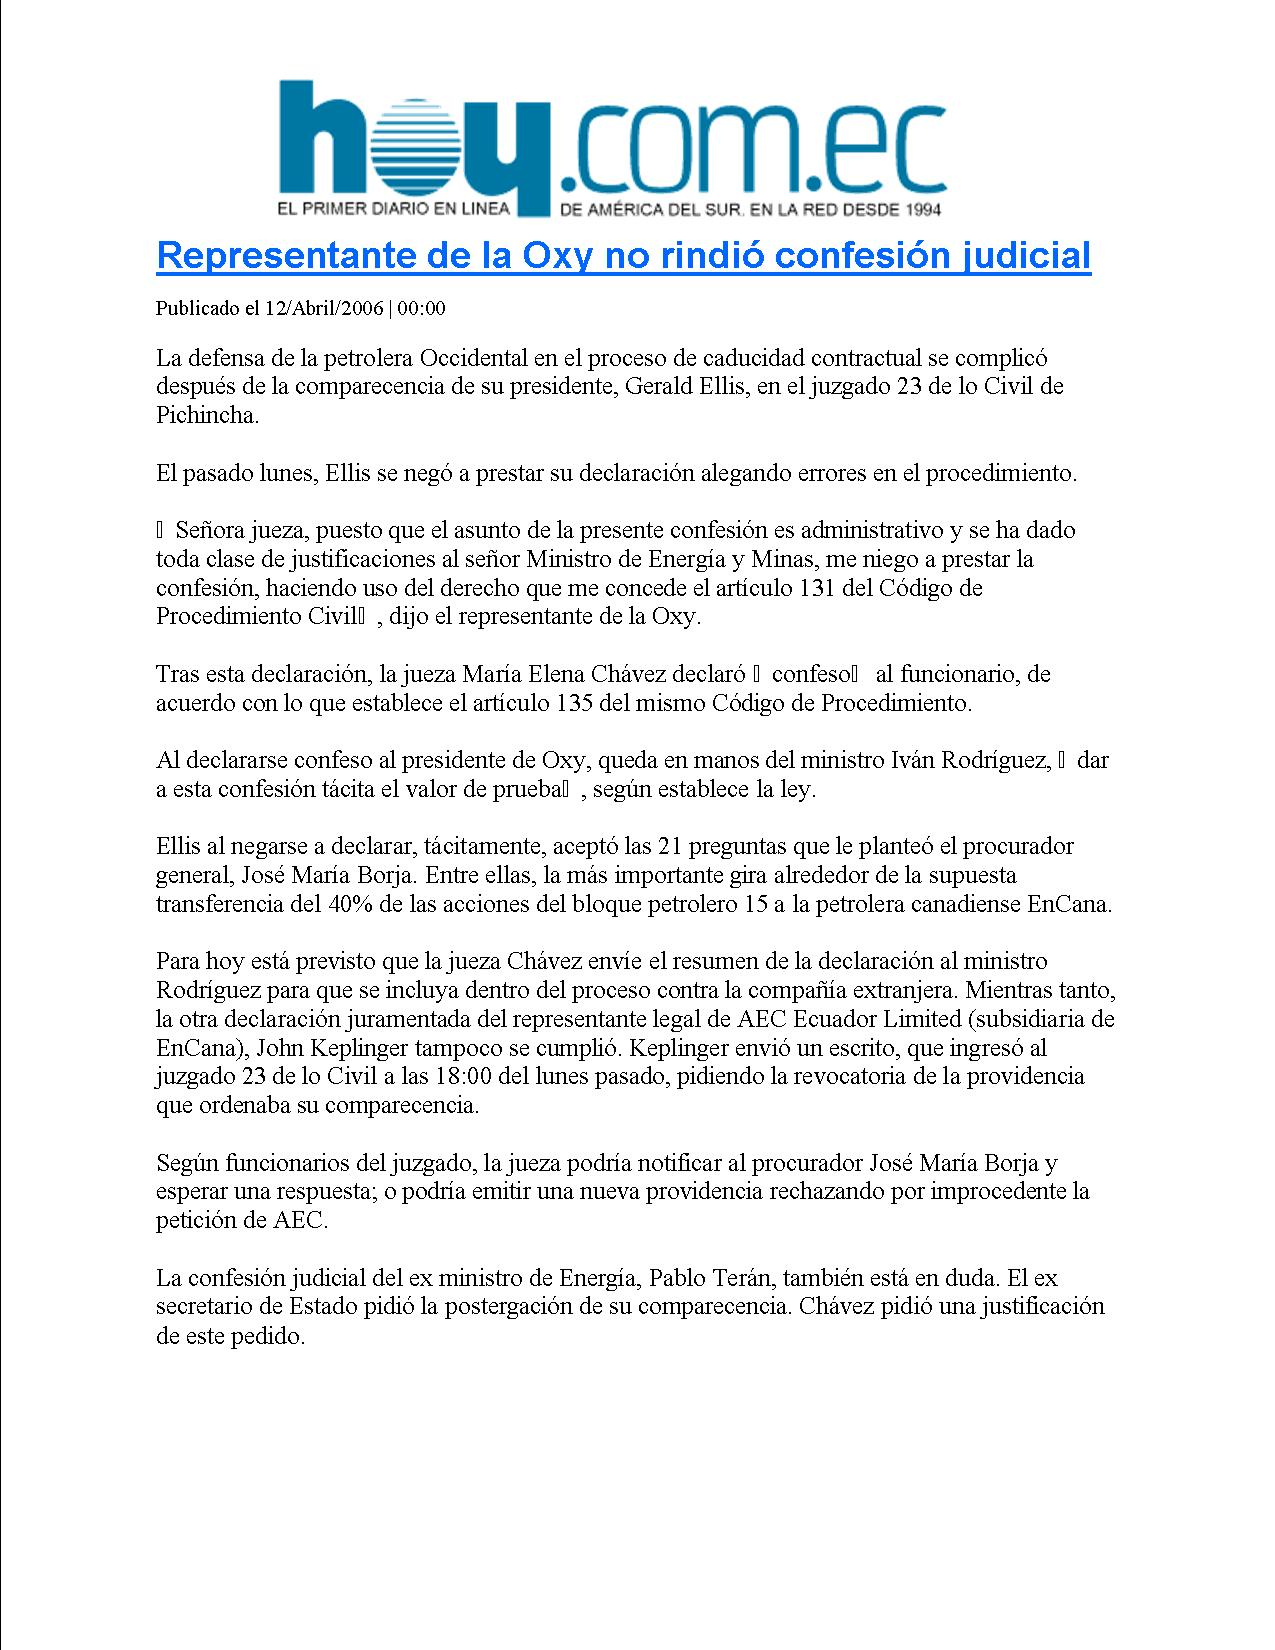 7-HOY 12-04-2006 Representante de la Oxy no rindio confesion judicial